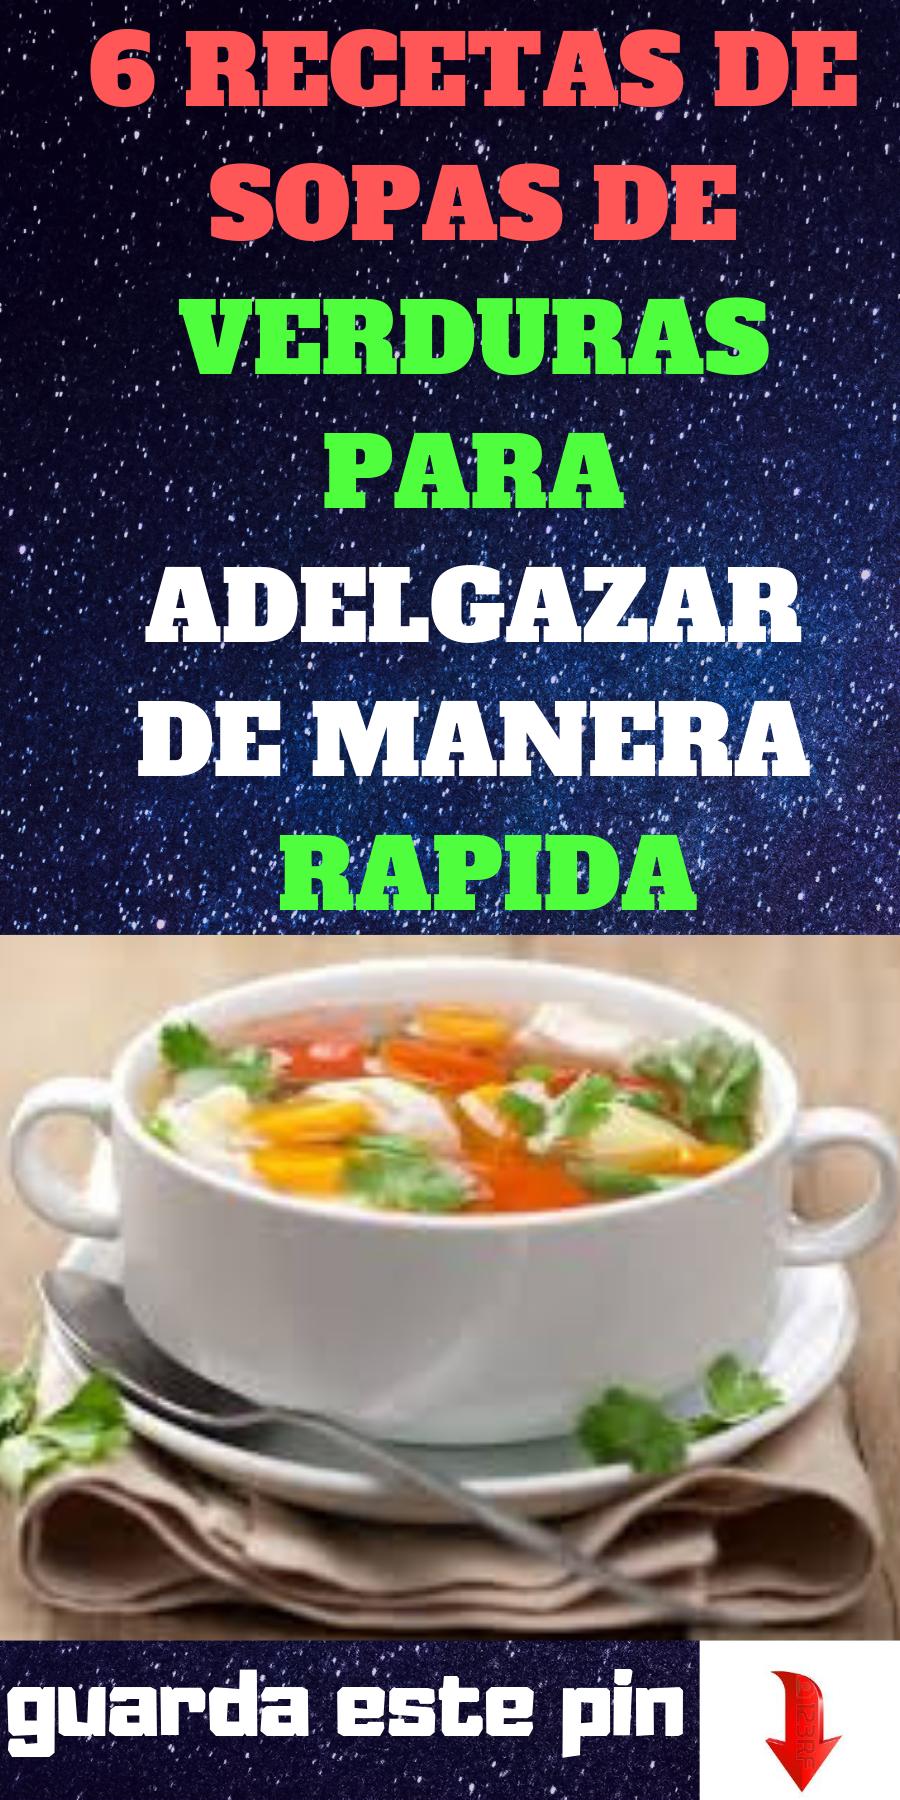 Como preparar la sopa de cebolla para bajar de peso